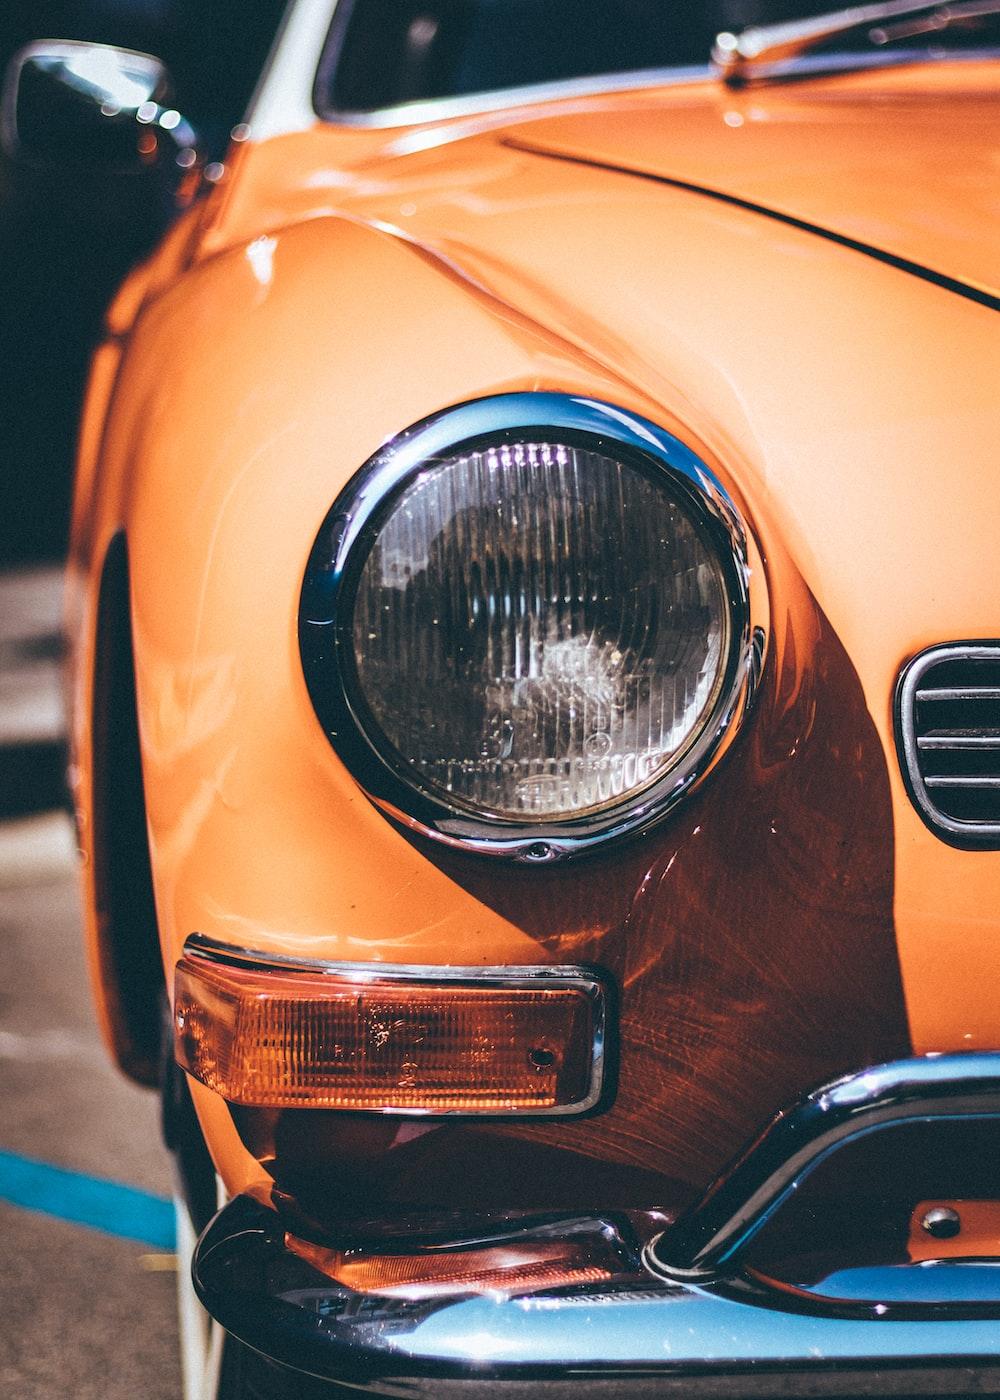 750 Vintage Car Pictures Hd Download Free Images On Unsplash